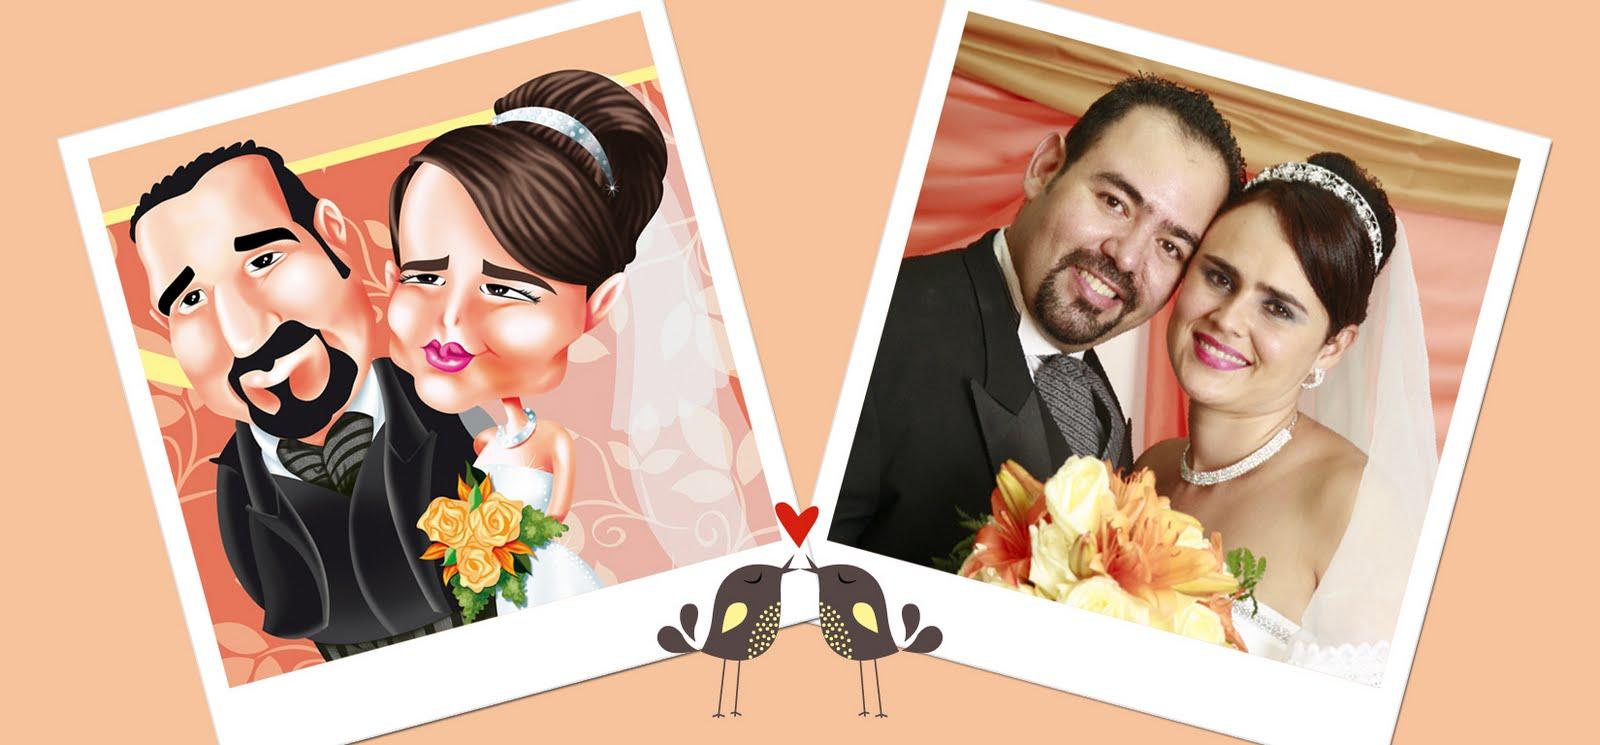 ... etiquetas caricaturas hechas para boda de danilka y franklin dibujo y